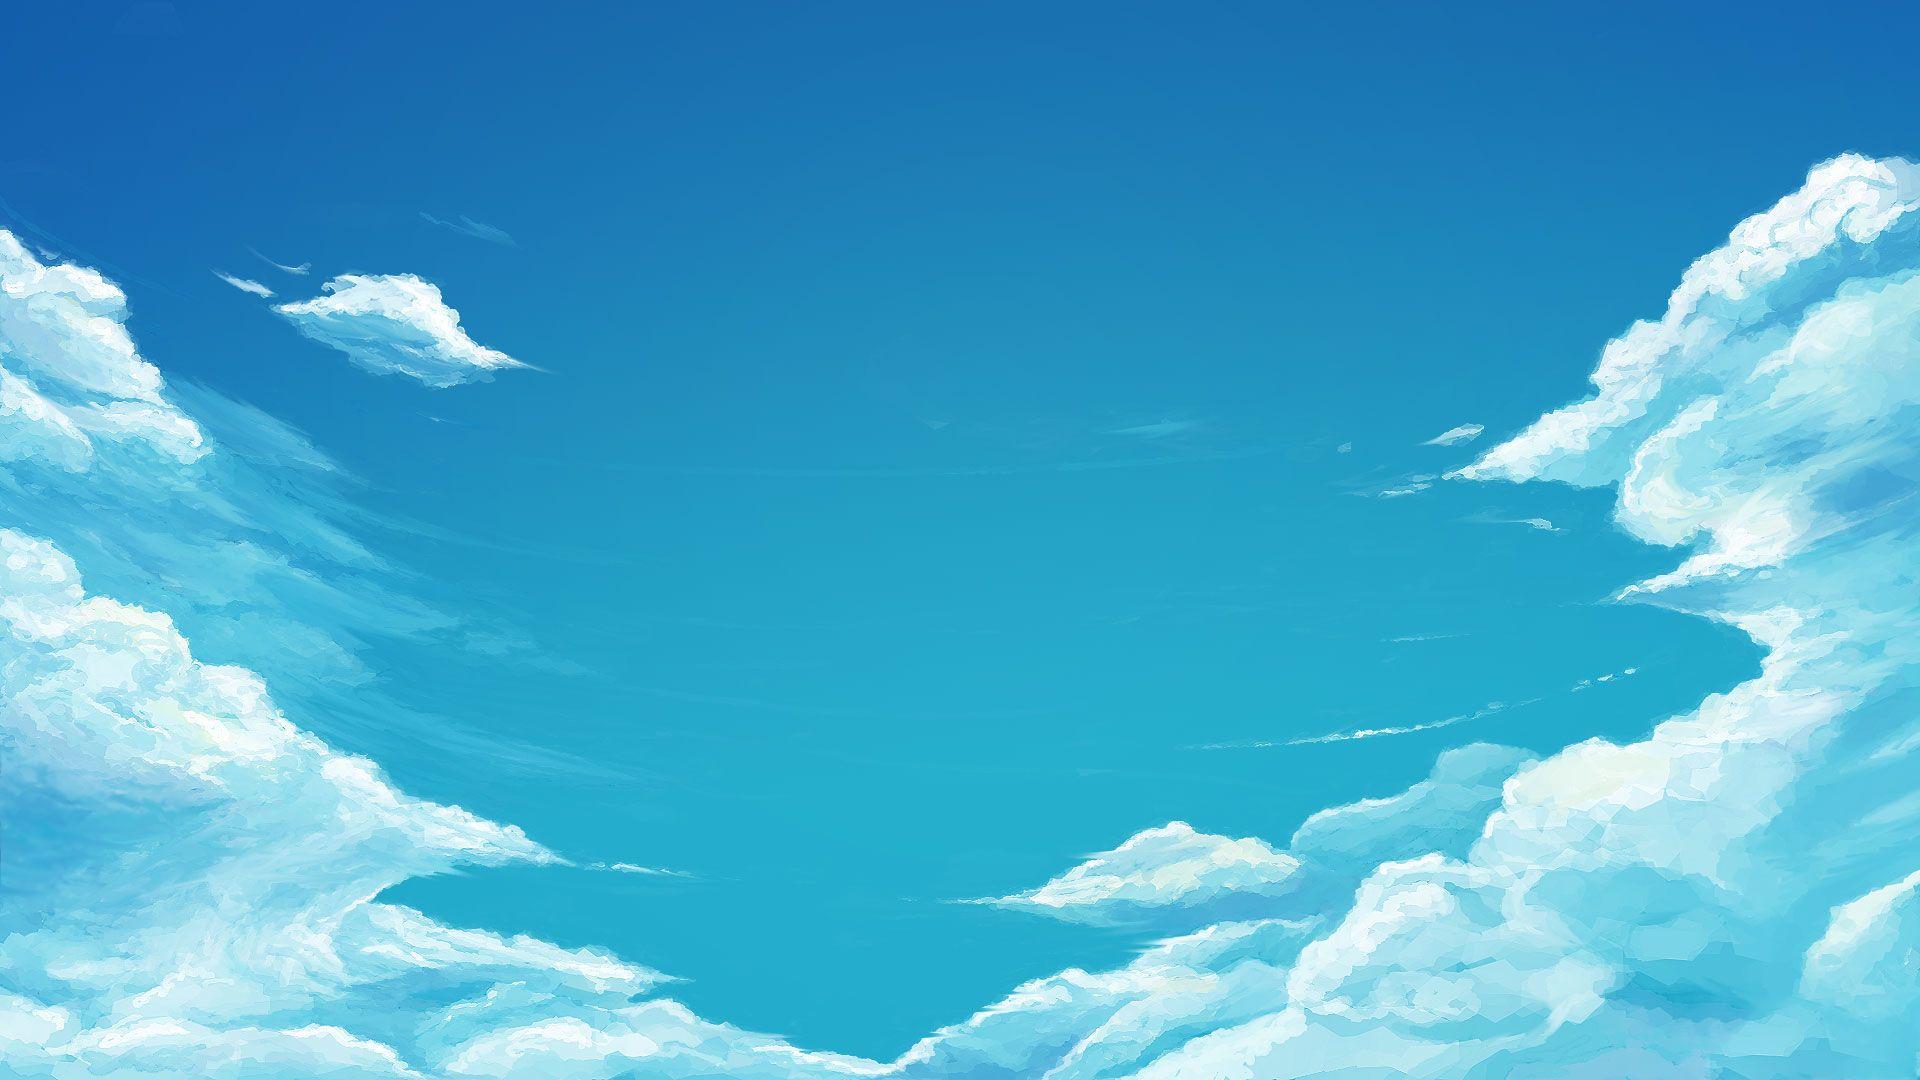 Kết quả hình ảnh cho girl in the sky Anime Scenery